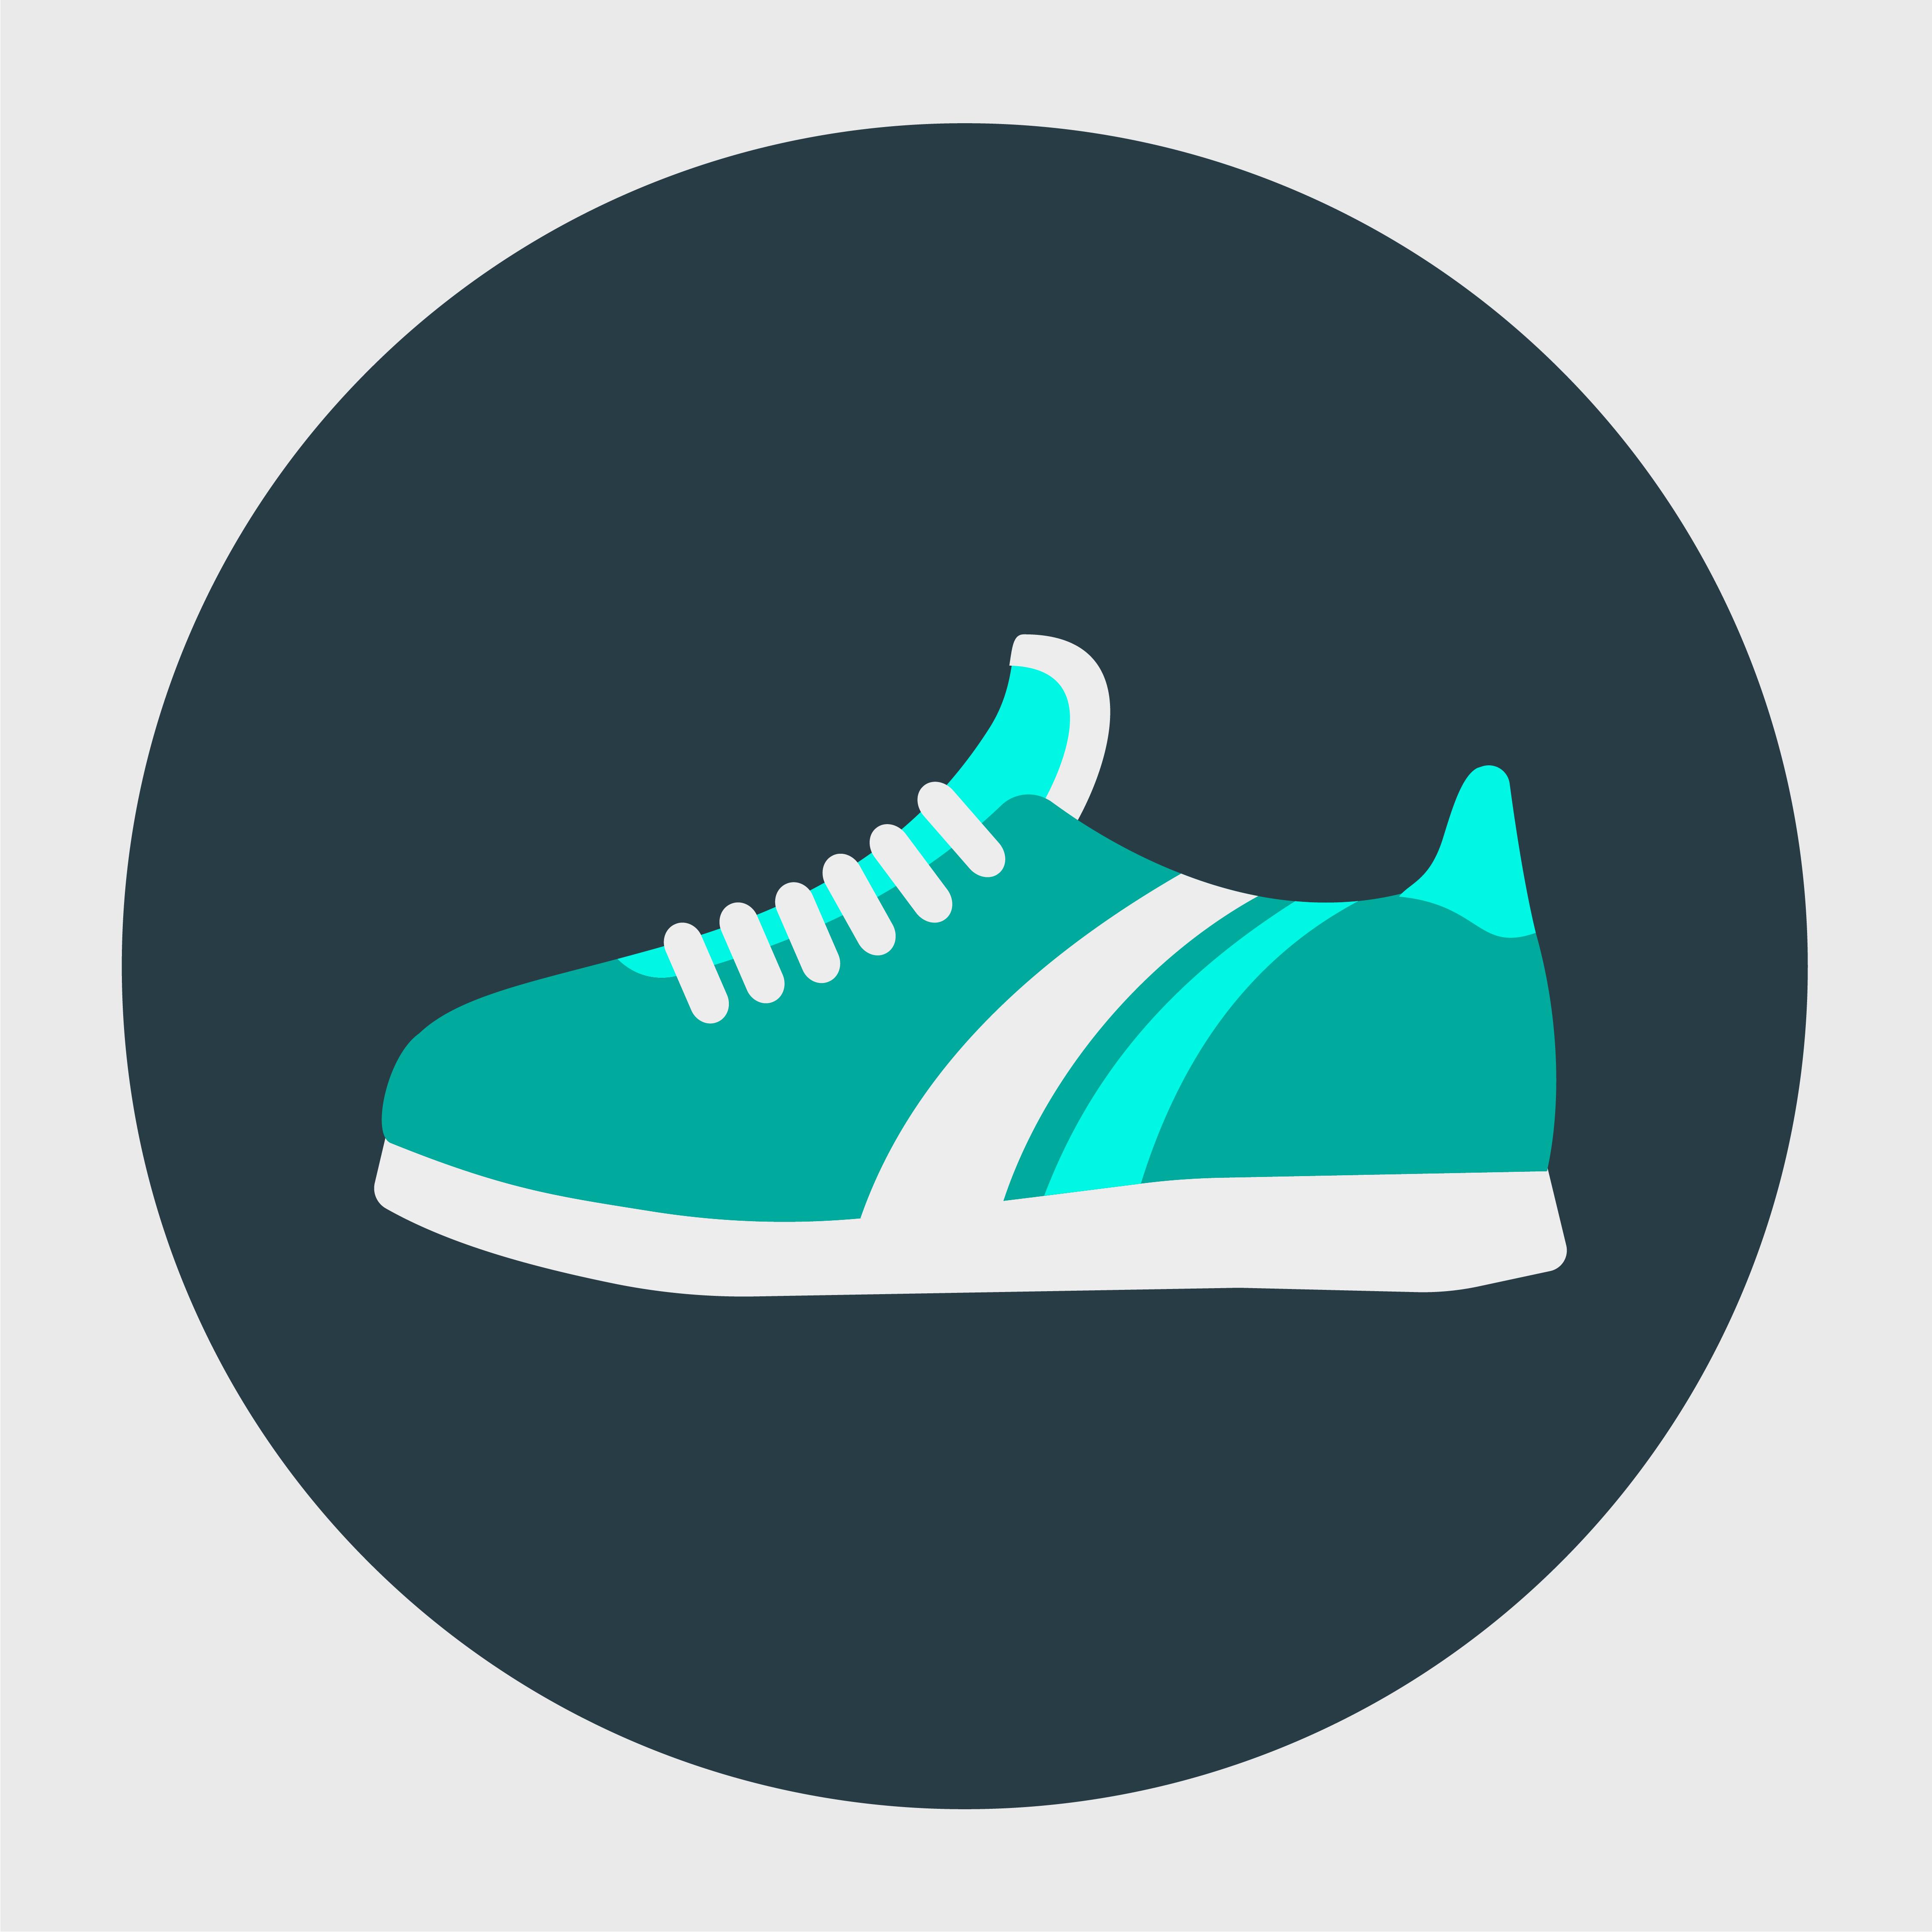 Icono de Actividades físico deportivas.